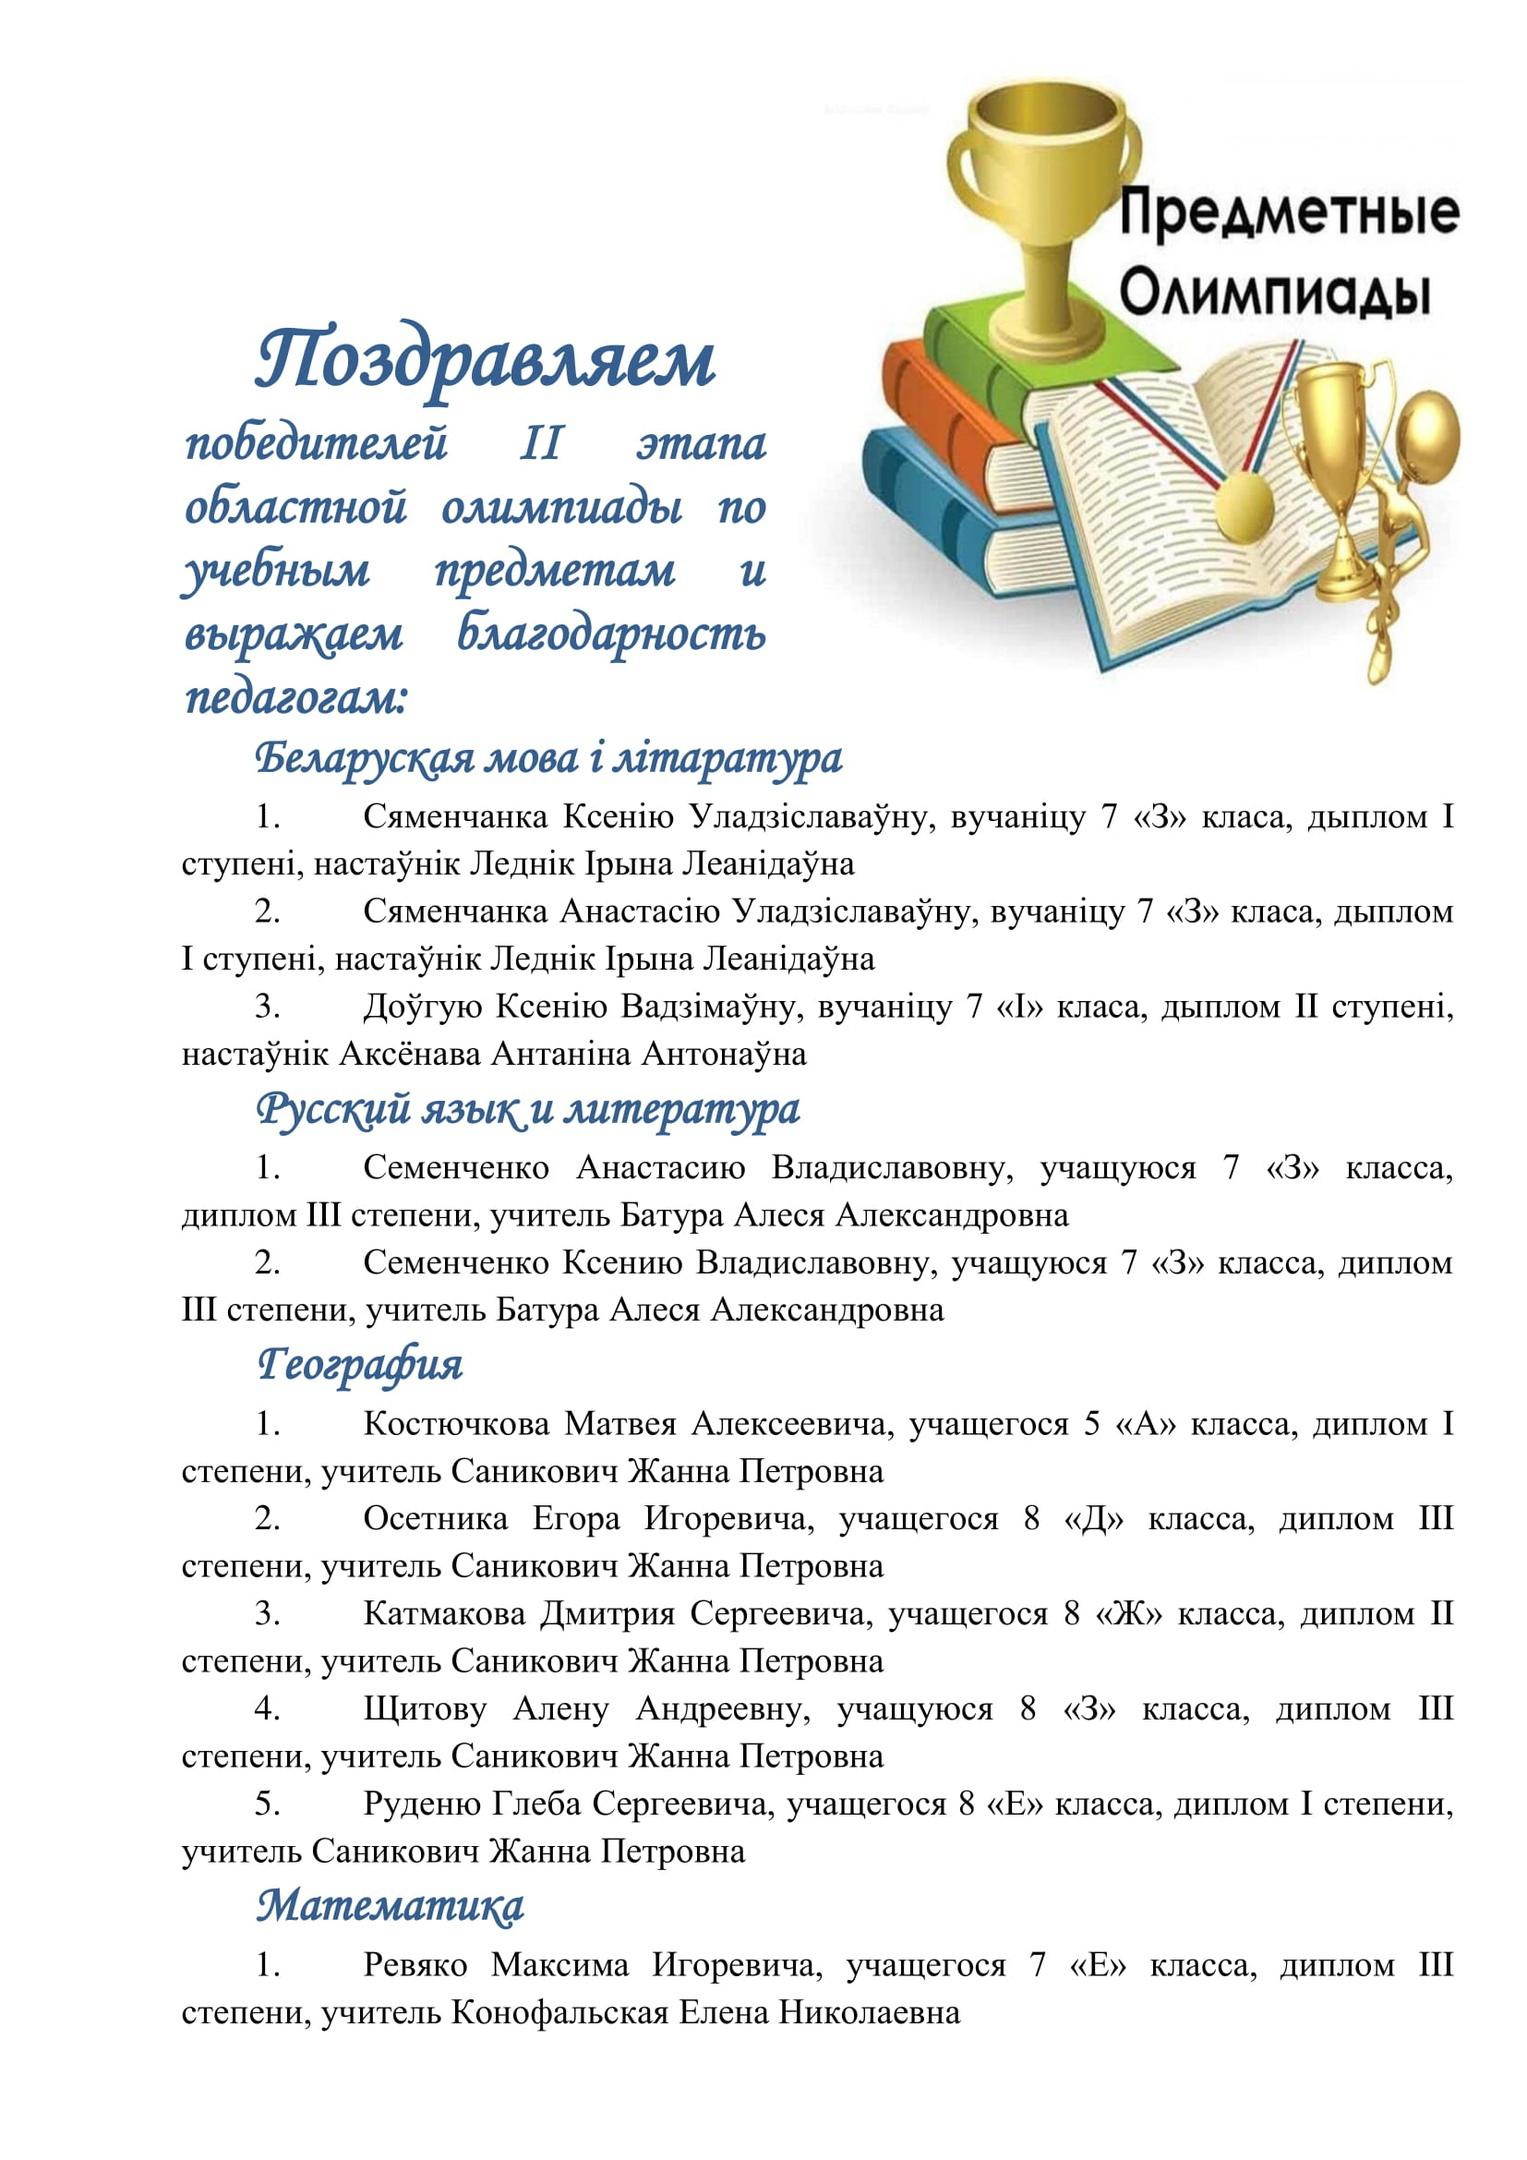 II этап (районный) областной олимпиады по учебным предметам для учащихся 7-8 классов